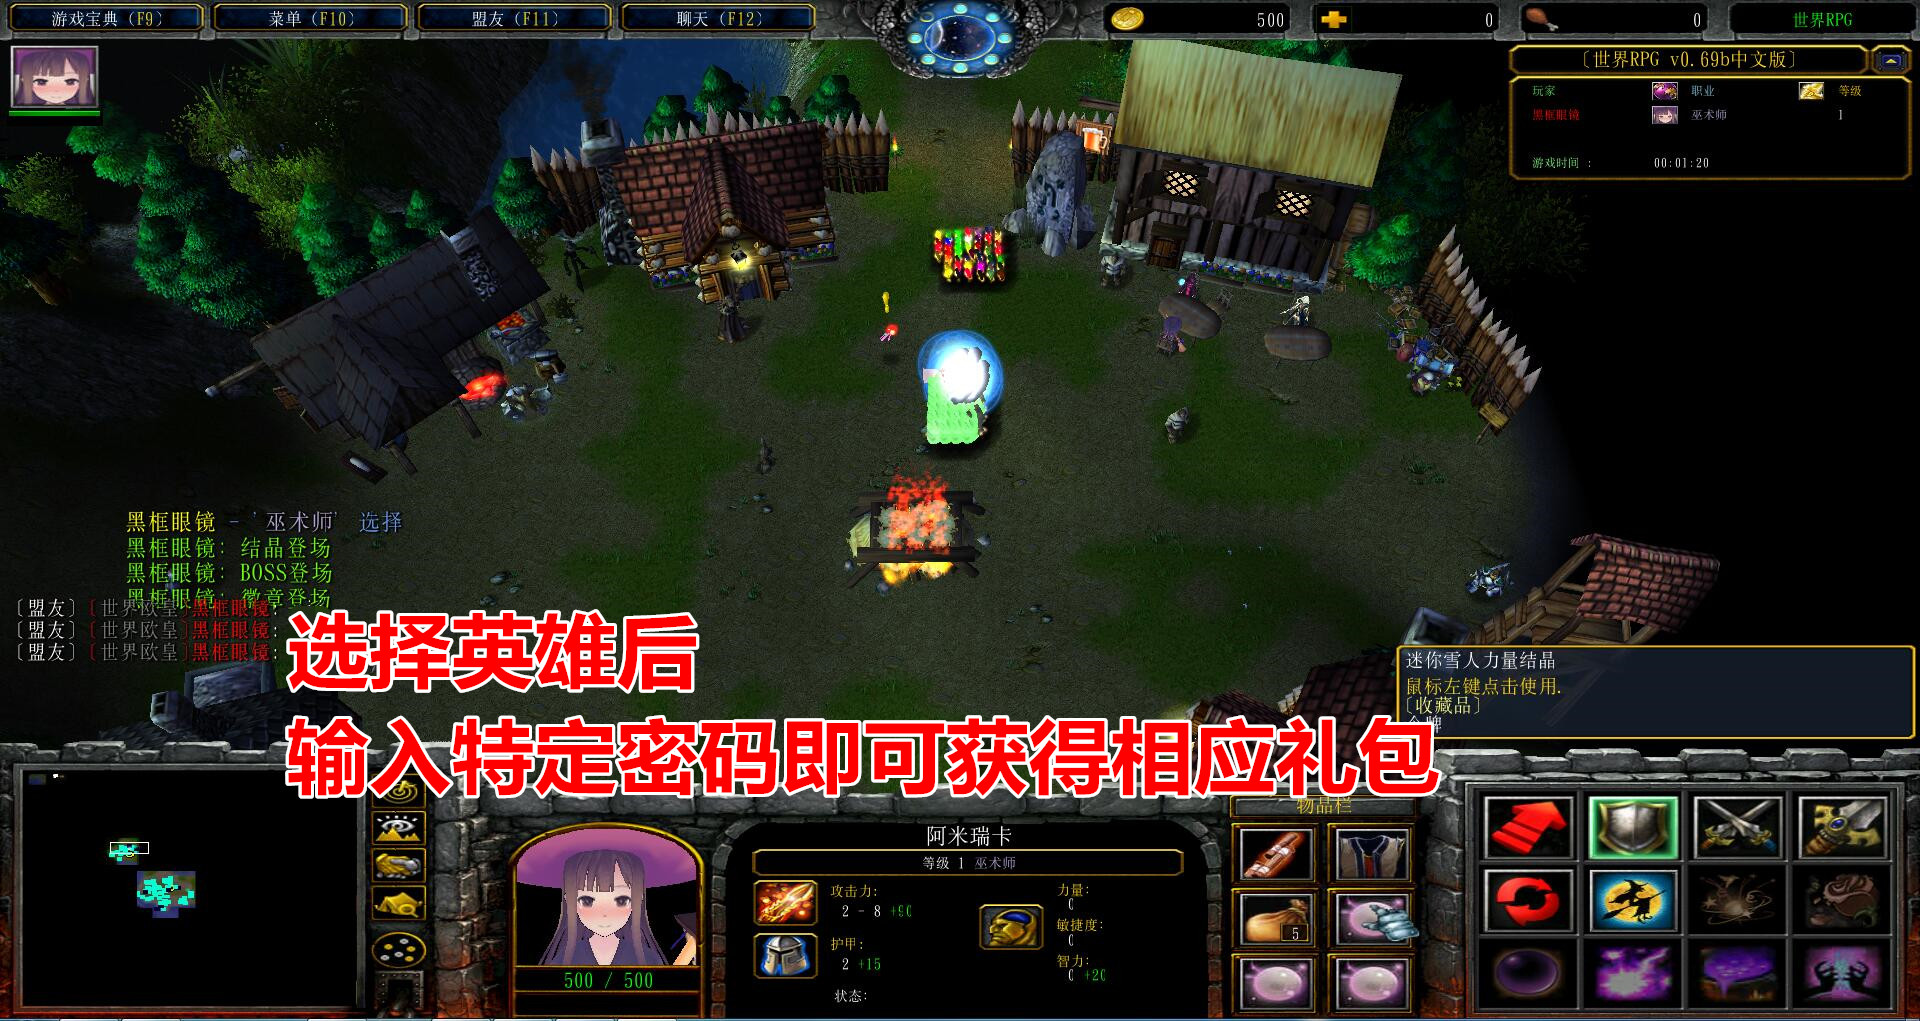 世界RPGv0.69b中文版破解